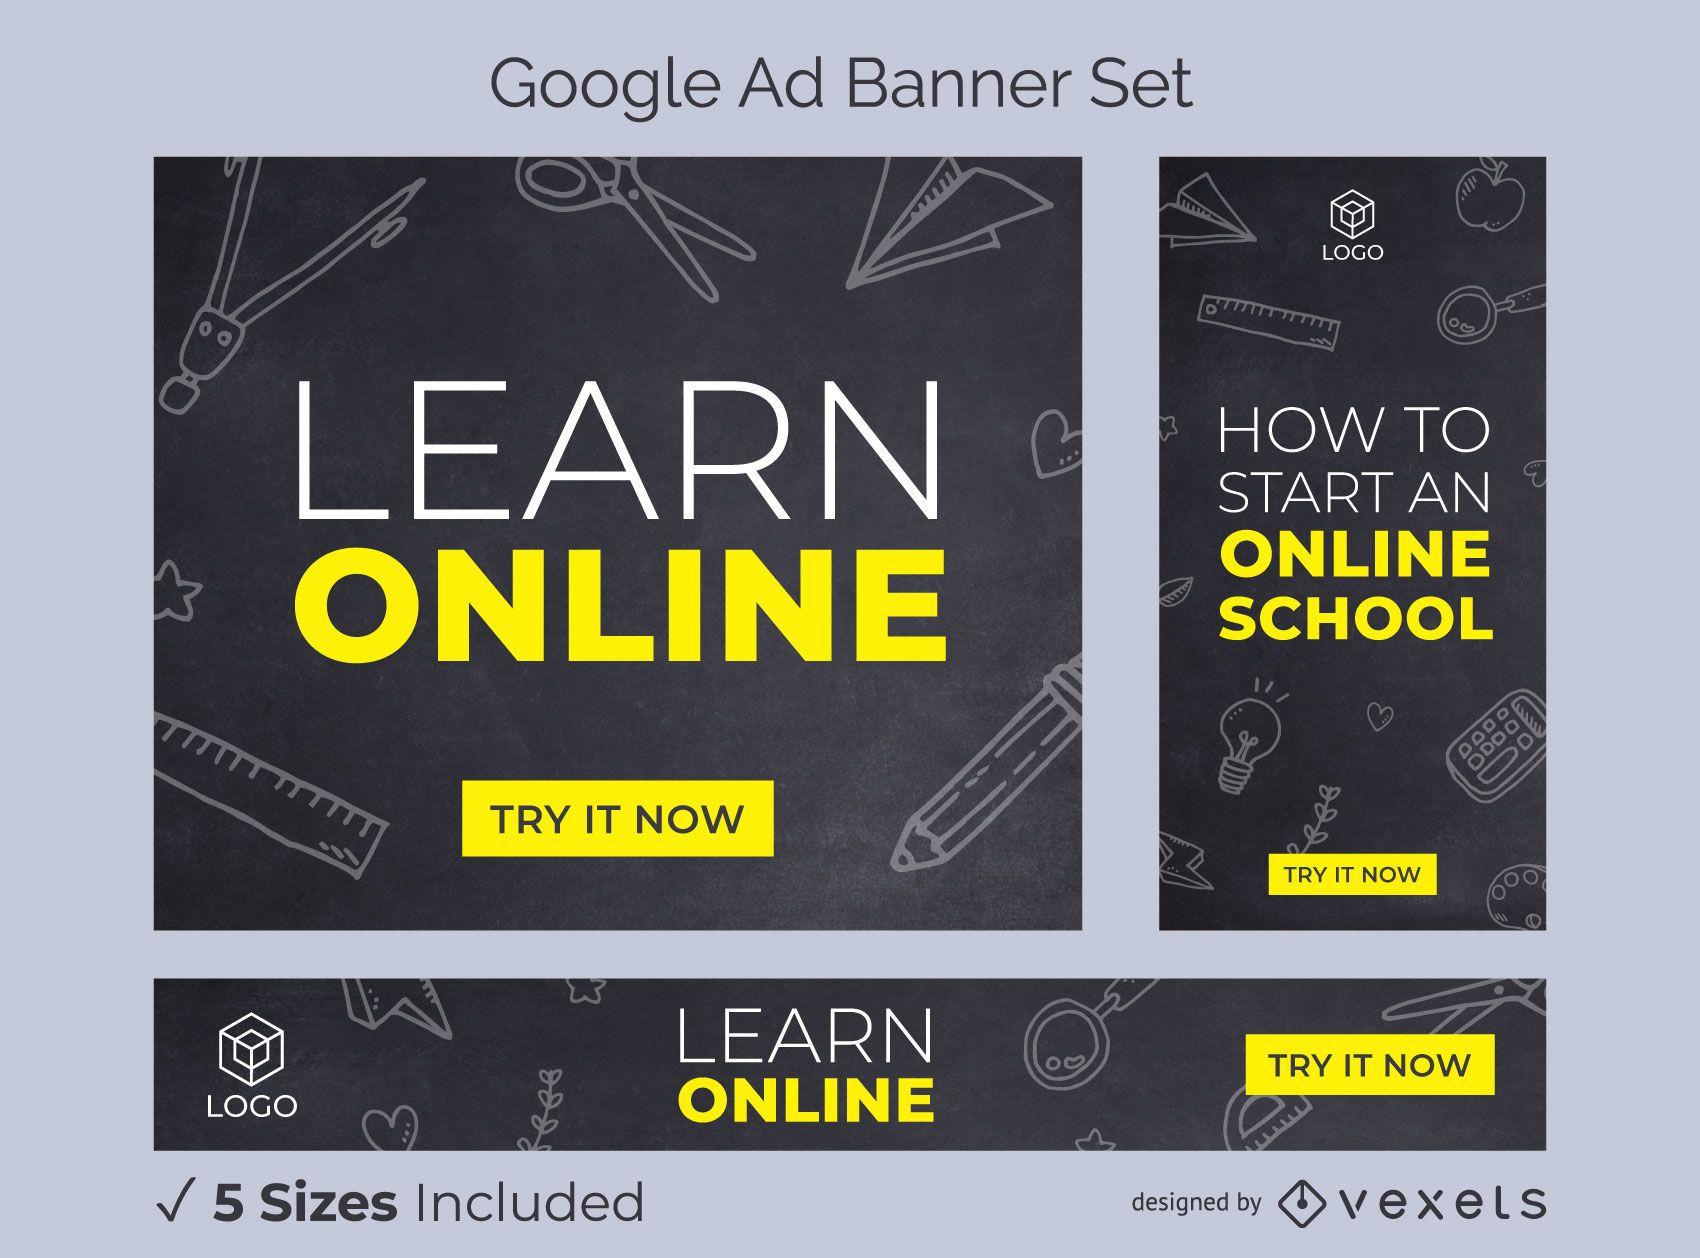 Learn online school ads banner set